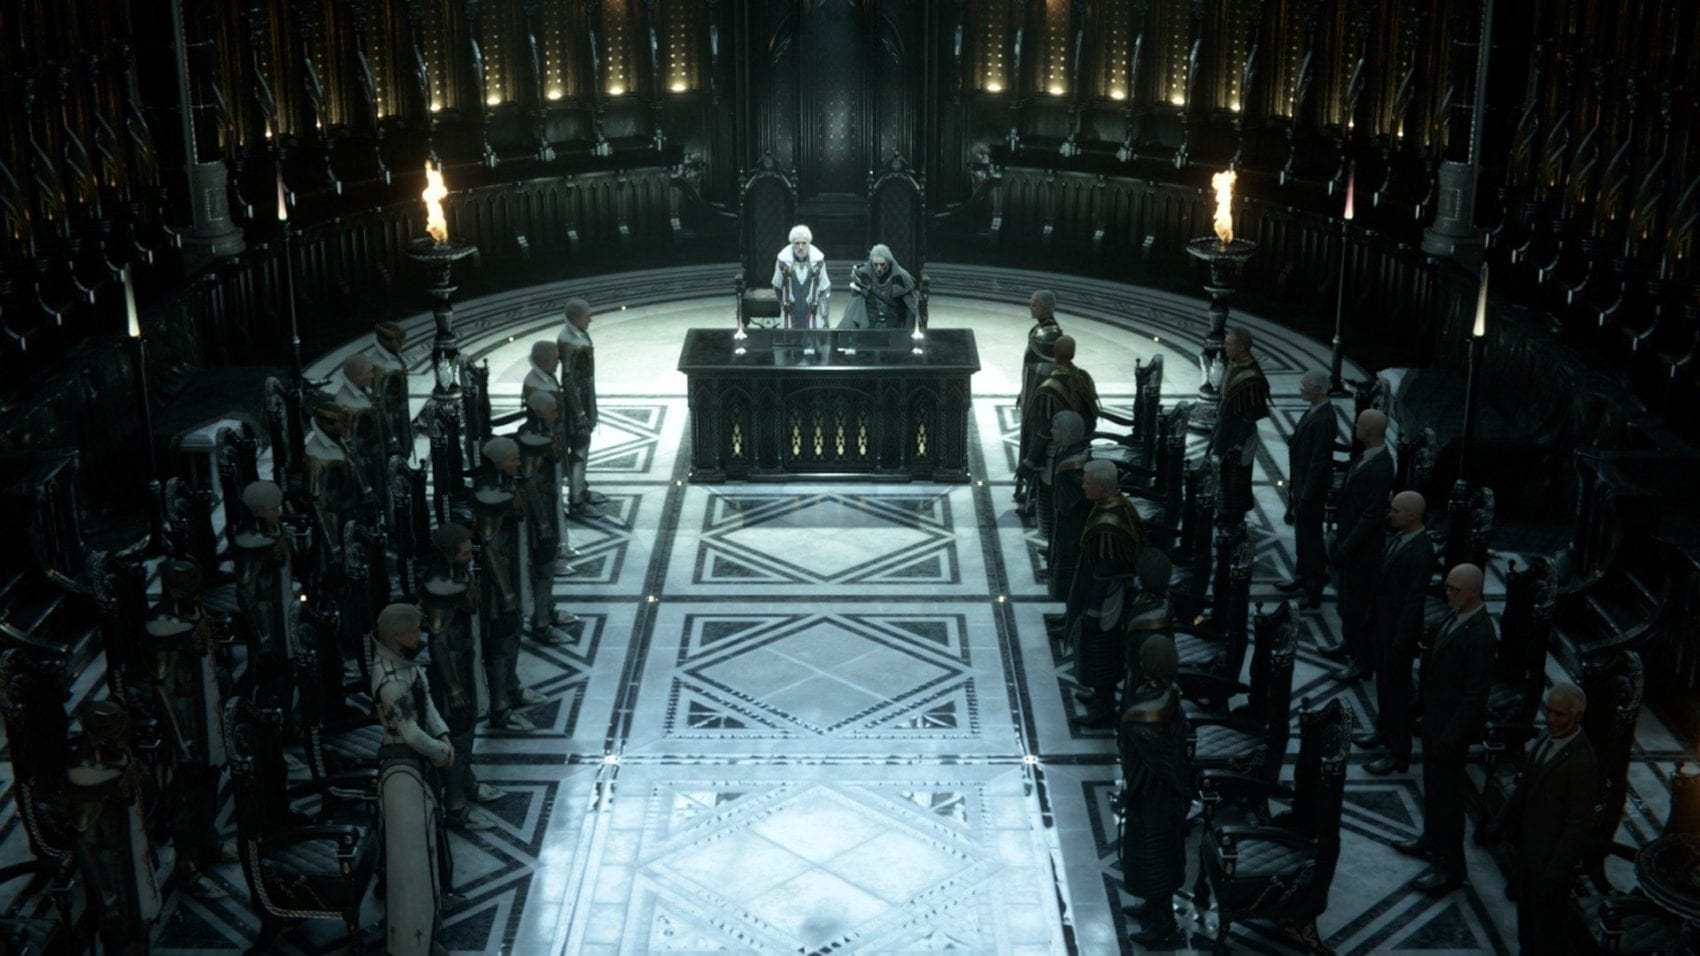 final-fantasy-xv-kingsglaive-review-my-geek-actu-traite-de-paix